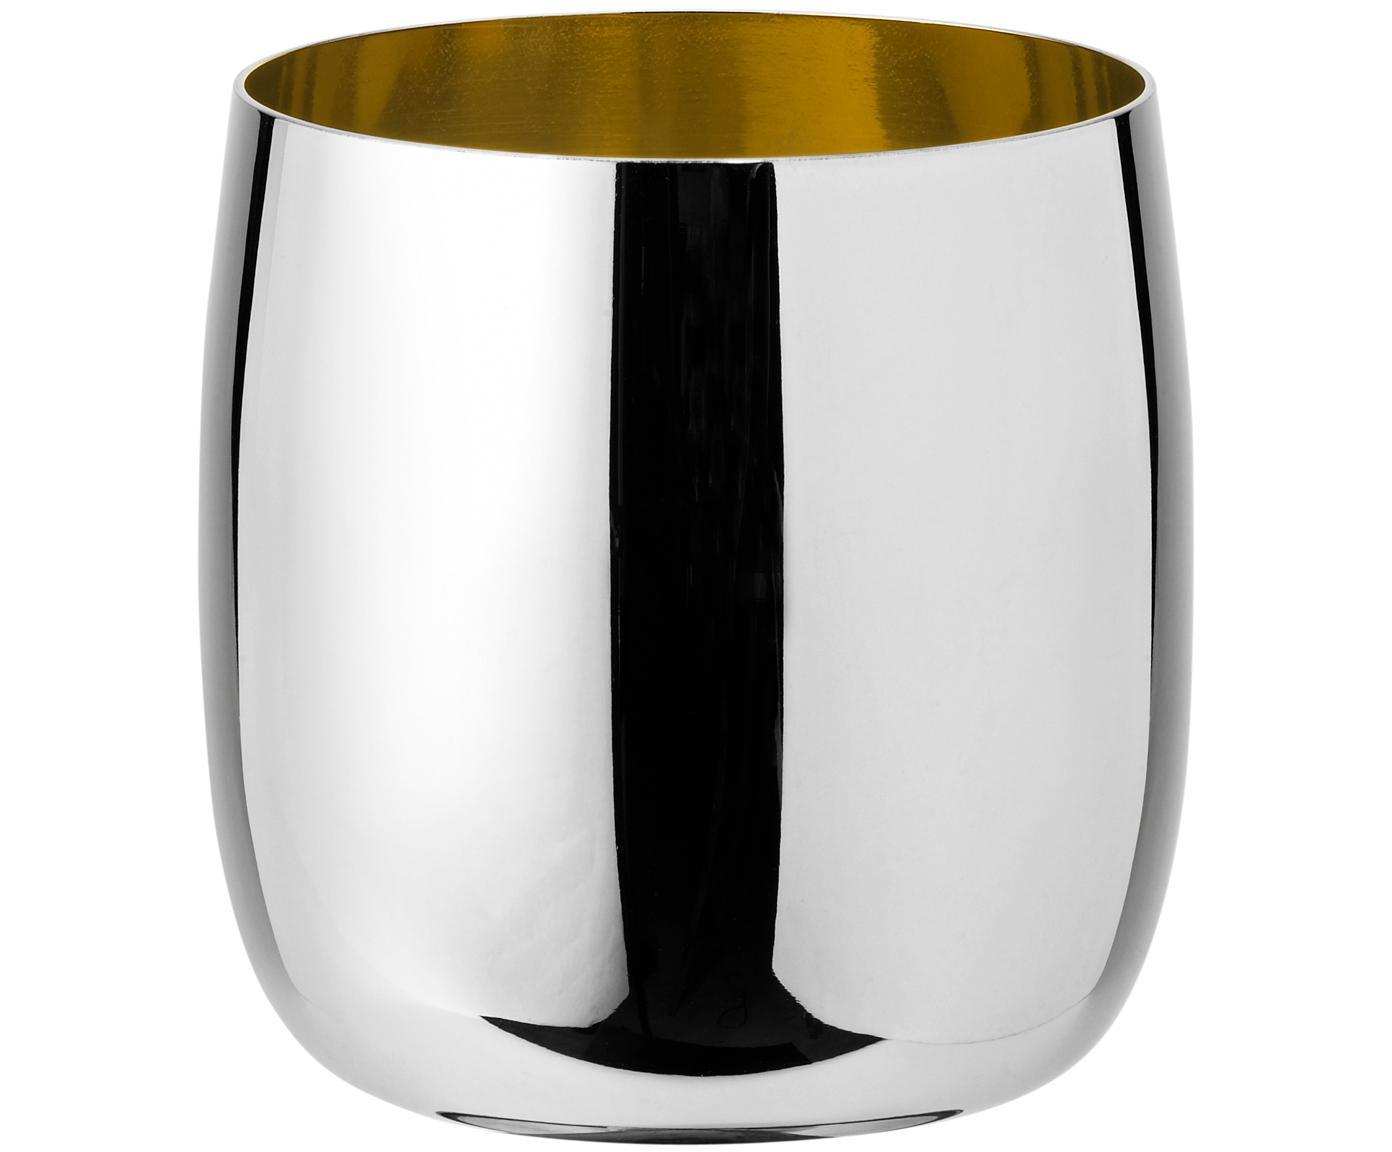 Vaso de vino de diseño Foster, Exterior: Acero inoxidable, espejo , Interior: Acero inoxidable con barn, Acero inoxidable, dorado, 200 ml